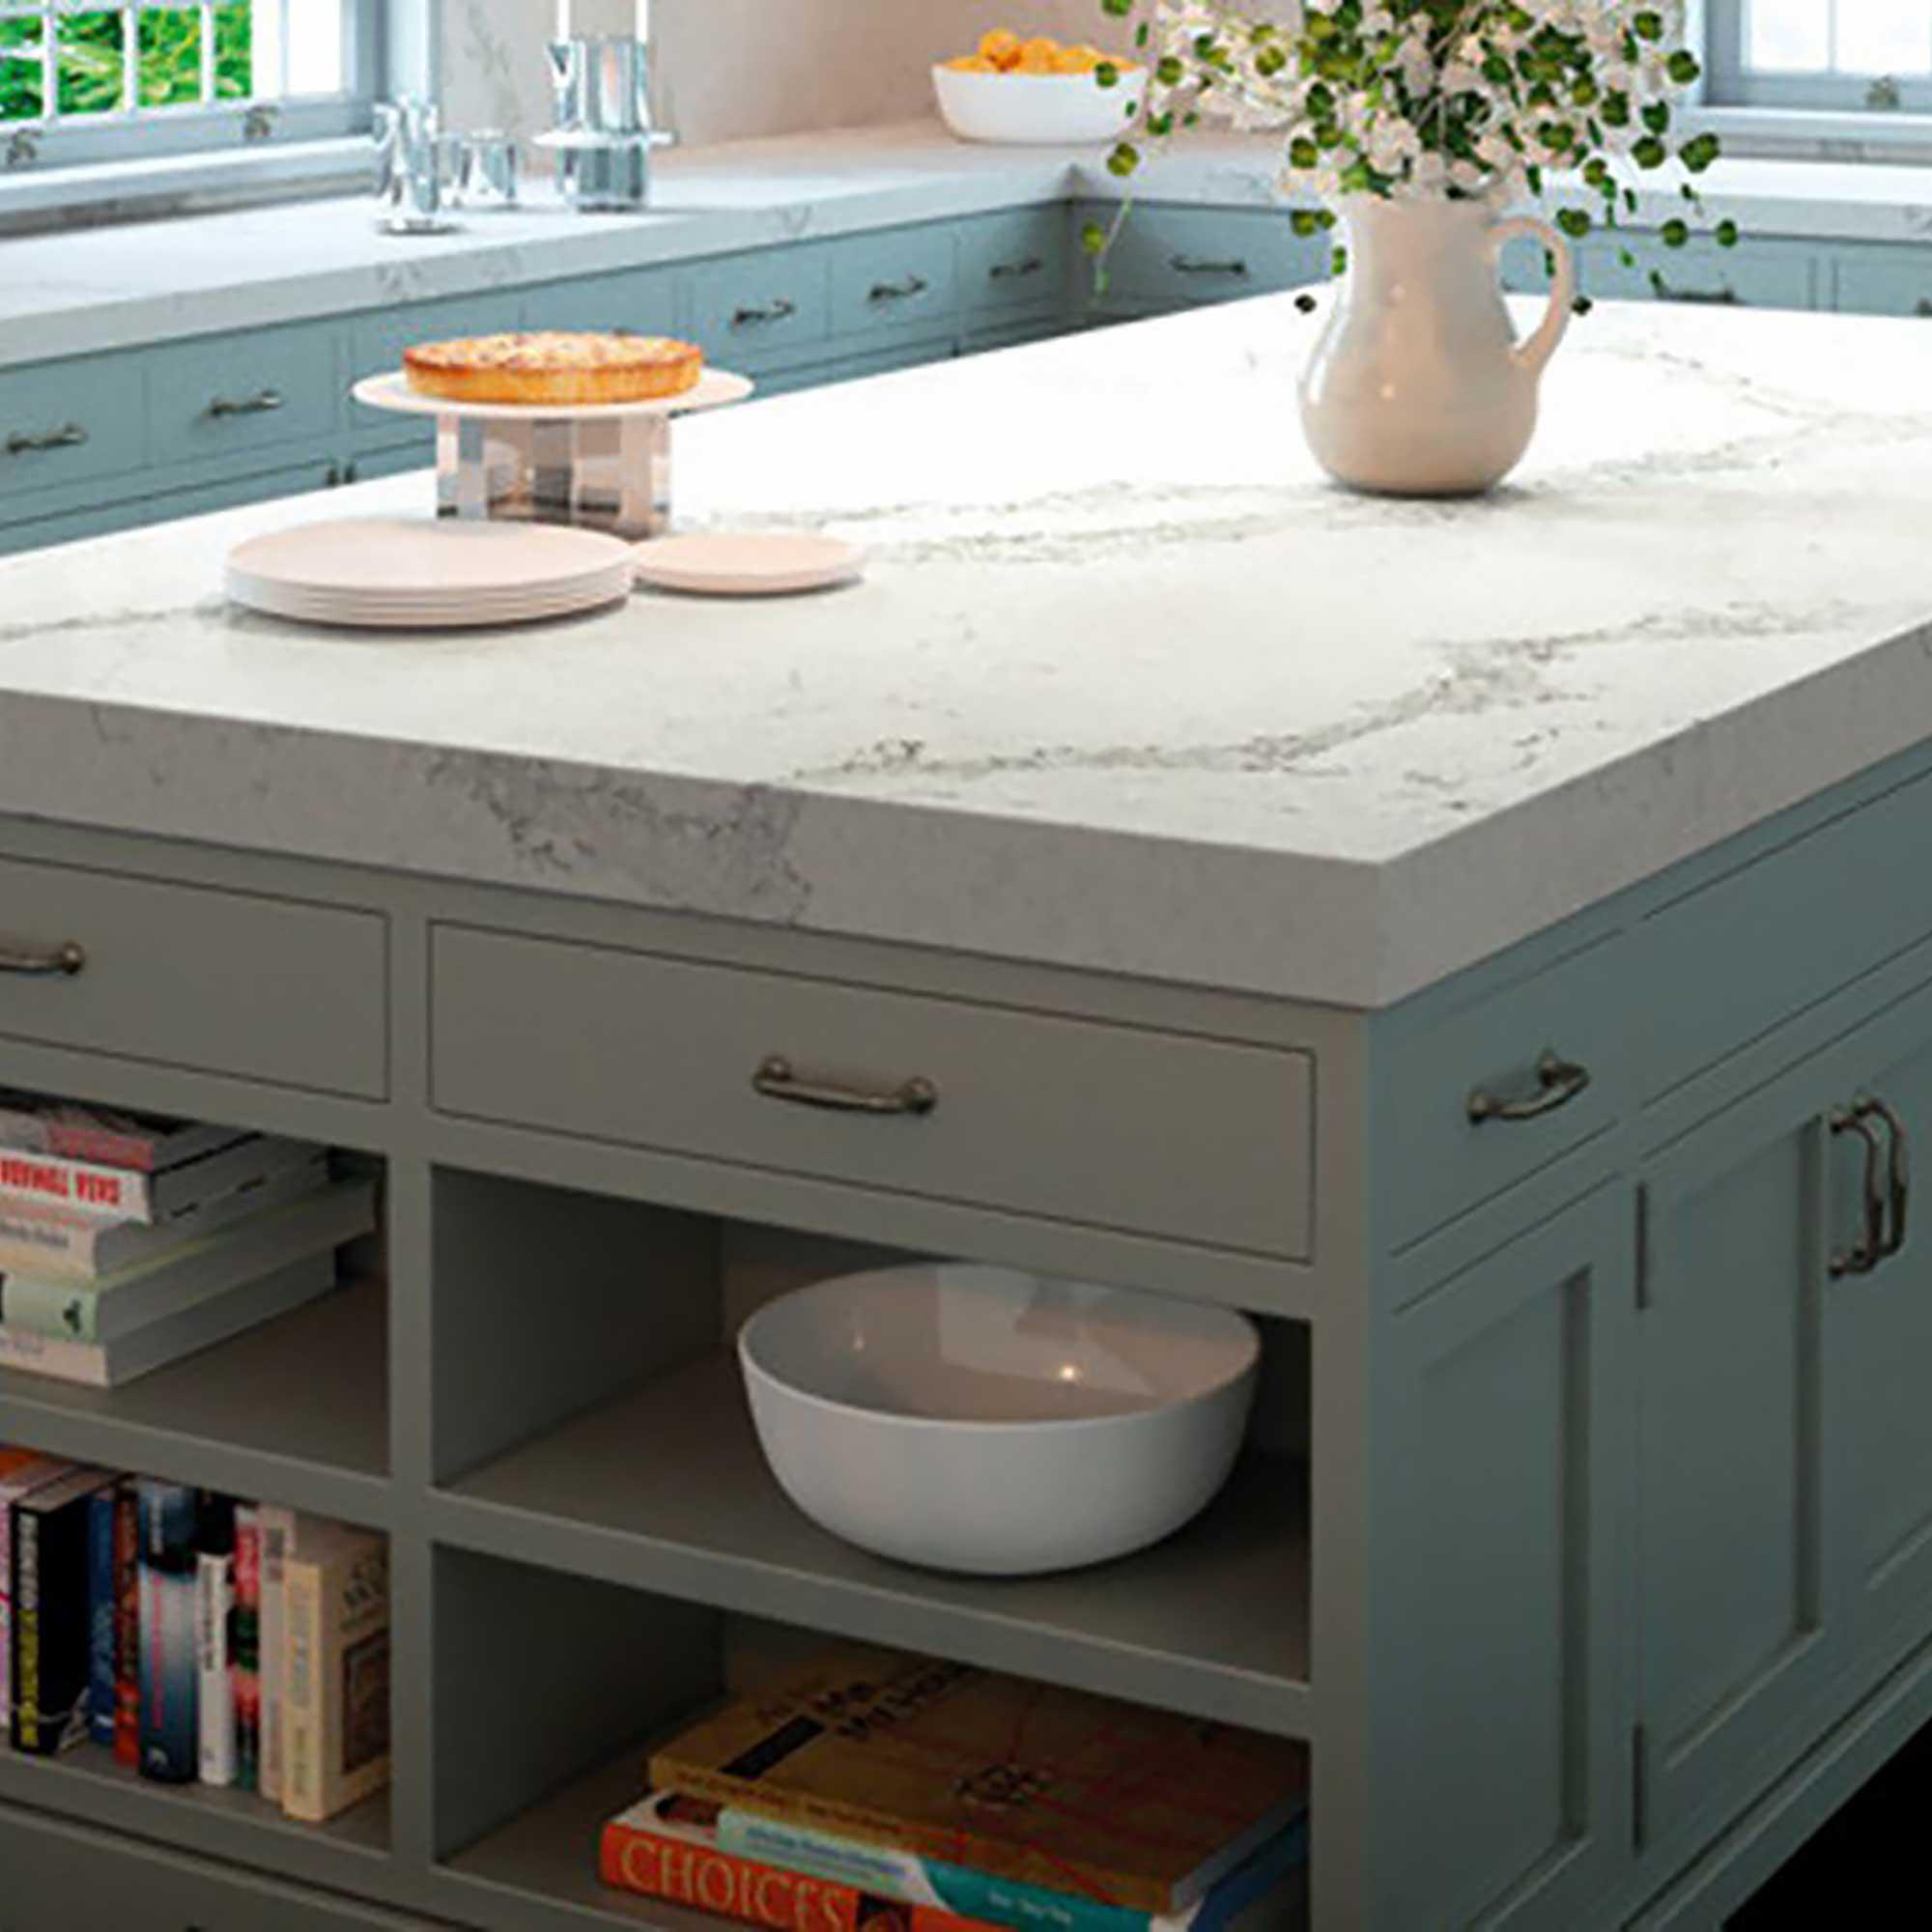 Caesarstone kitchen worktop